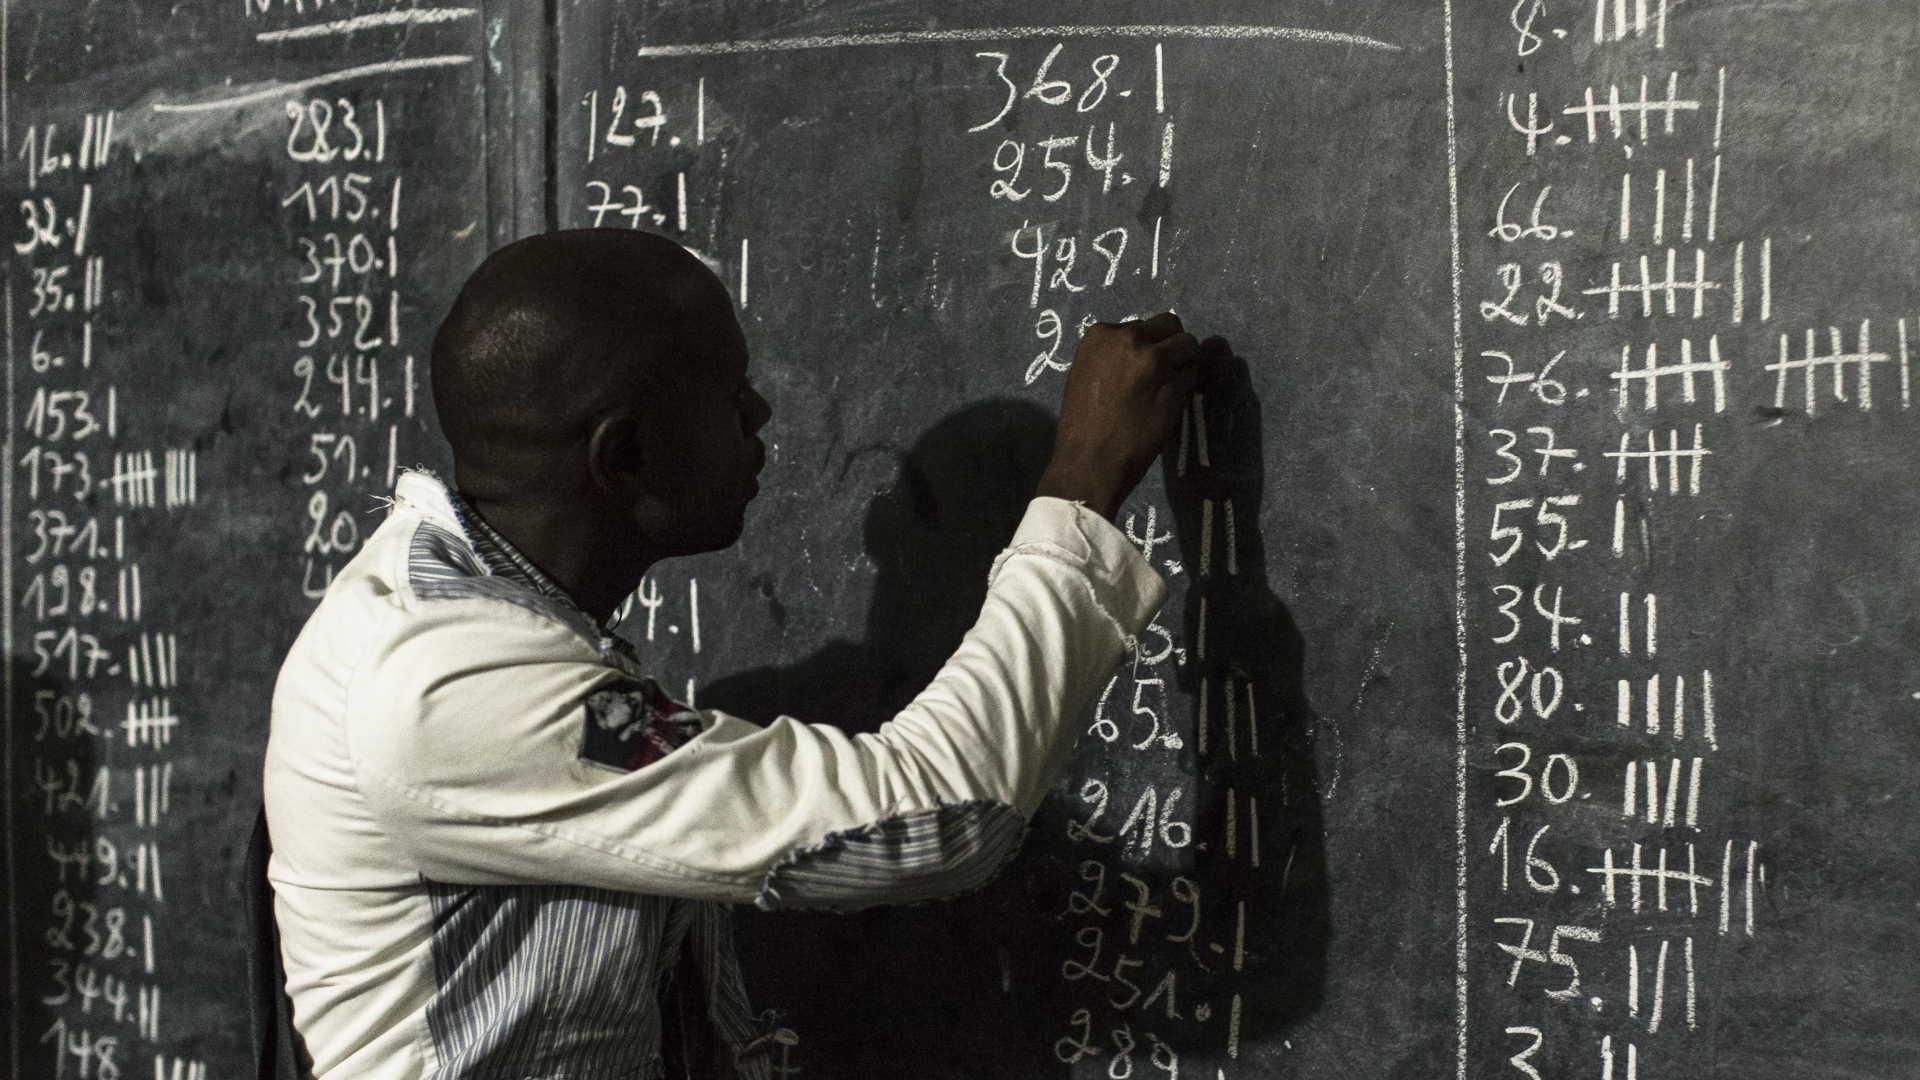 - contagem de votos RDC - RD Congo: CENI admite adiar divulgação de resultados